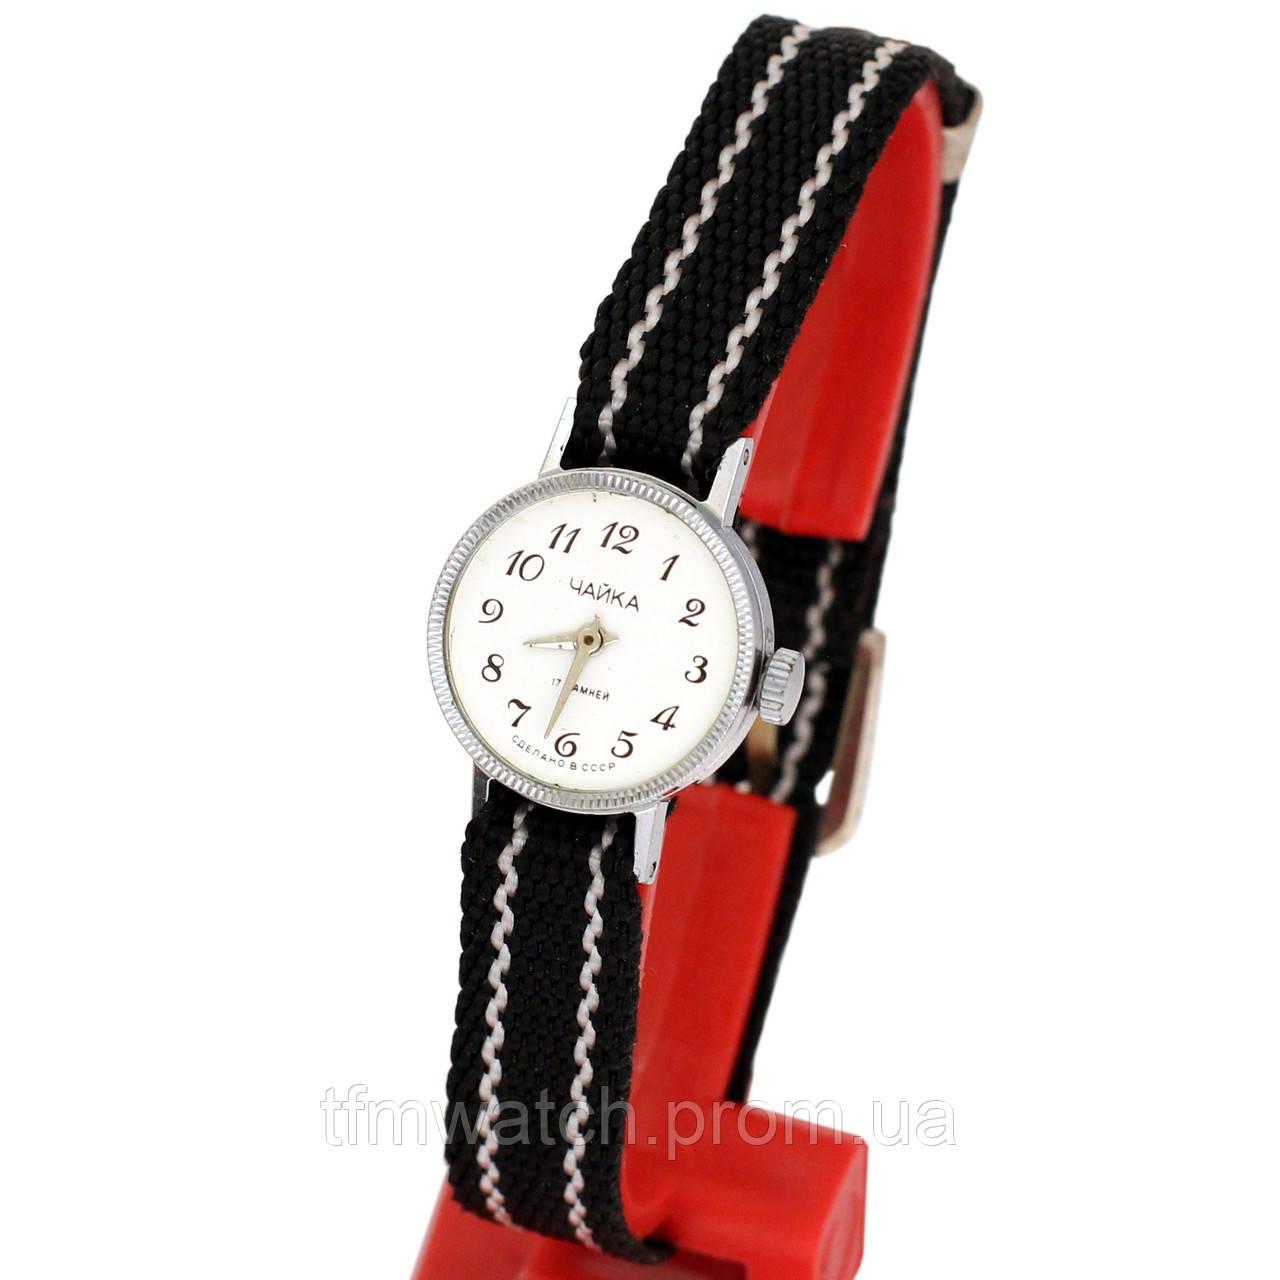 Женские механические часы Чайка